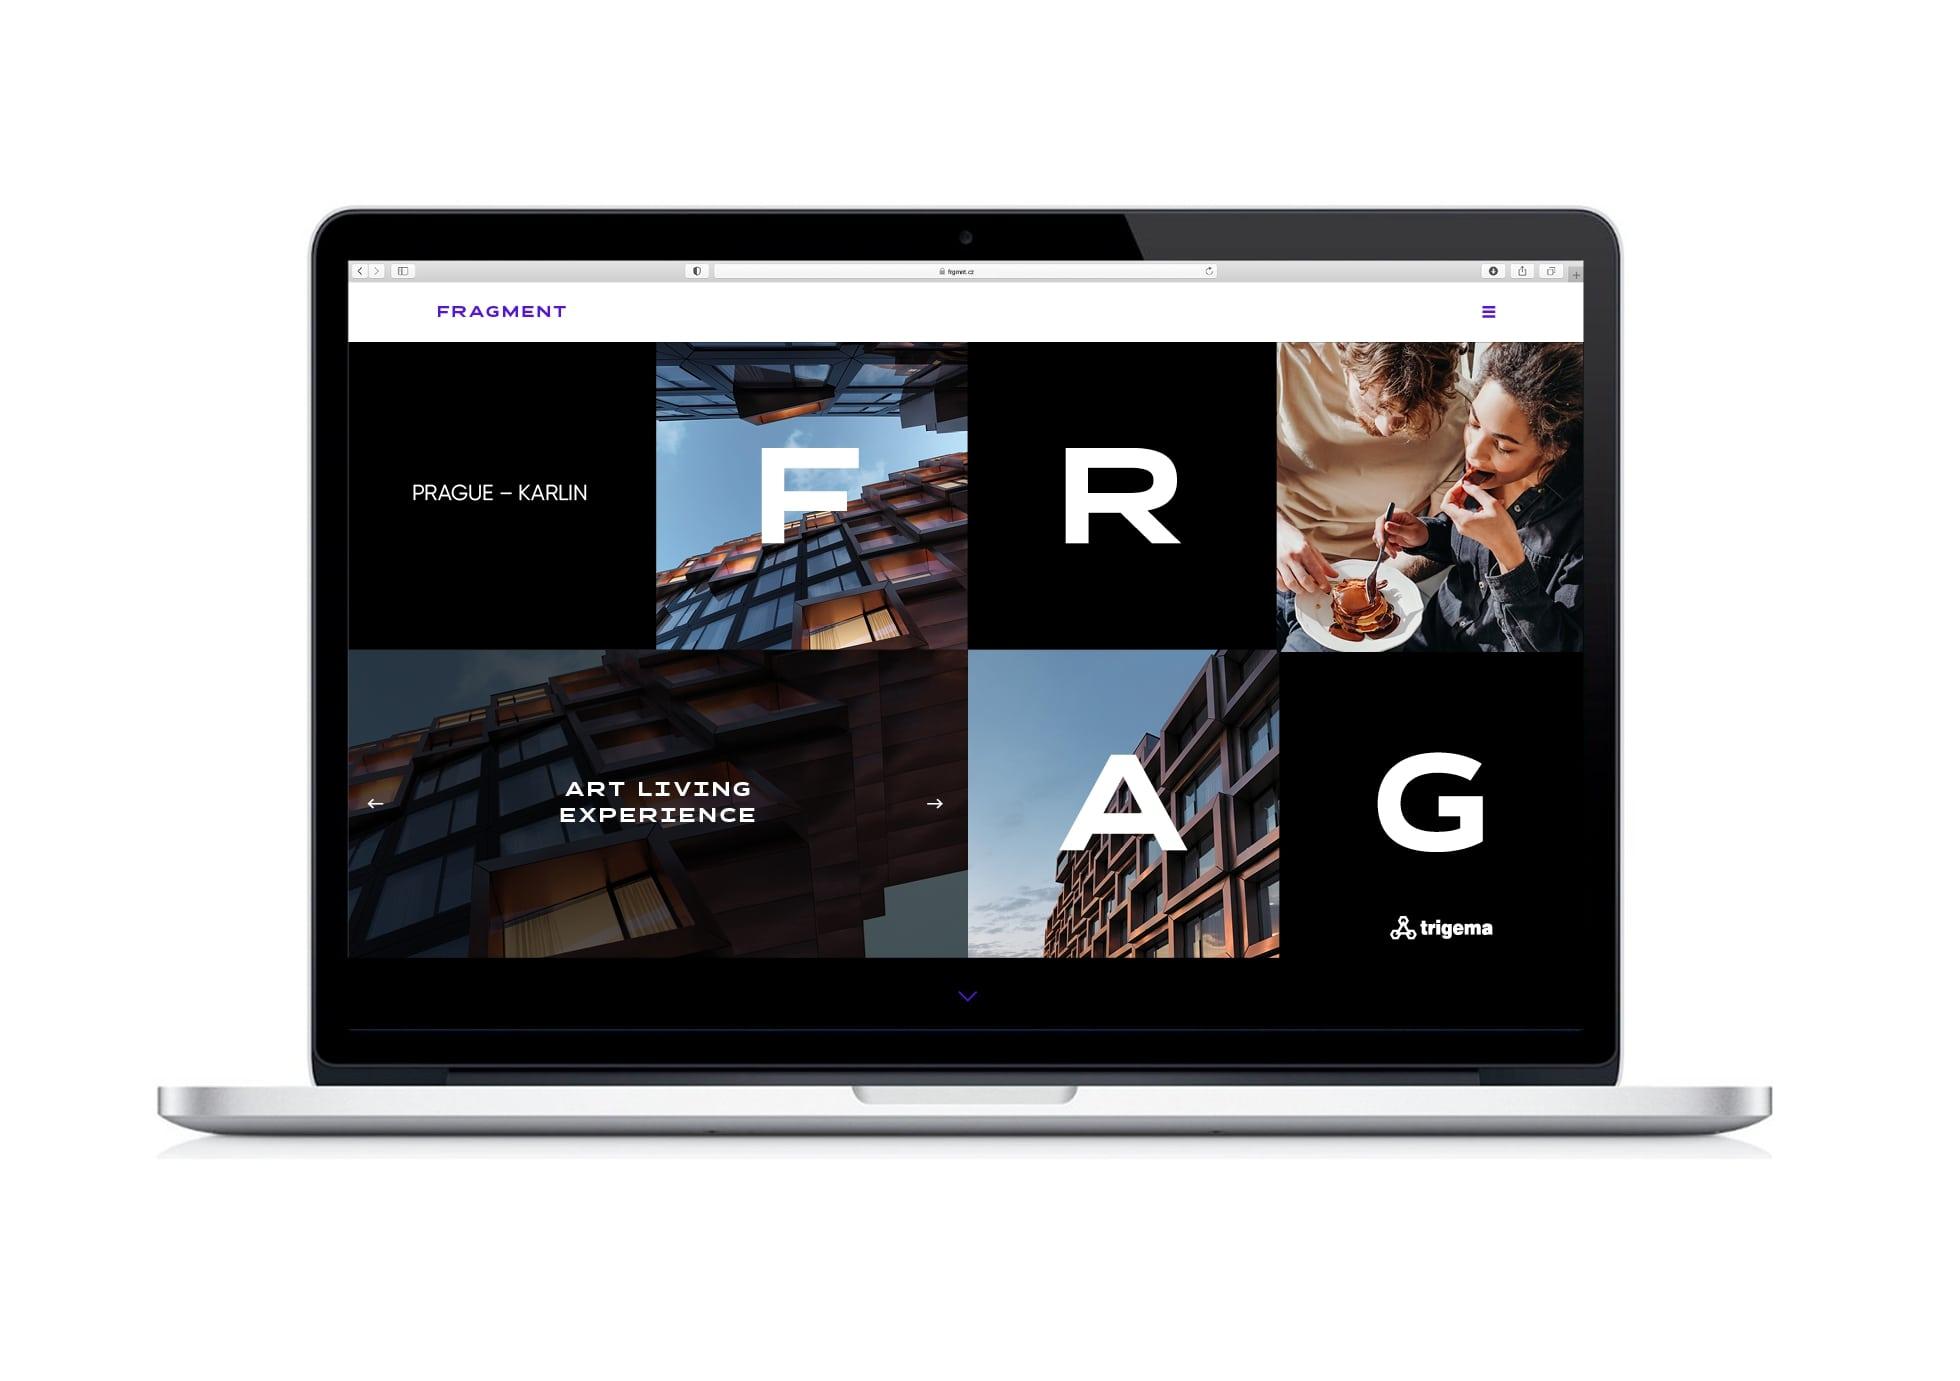 residential_fragmnt_web